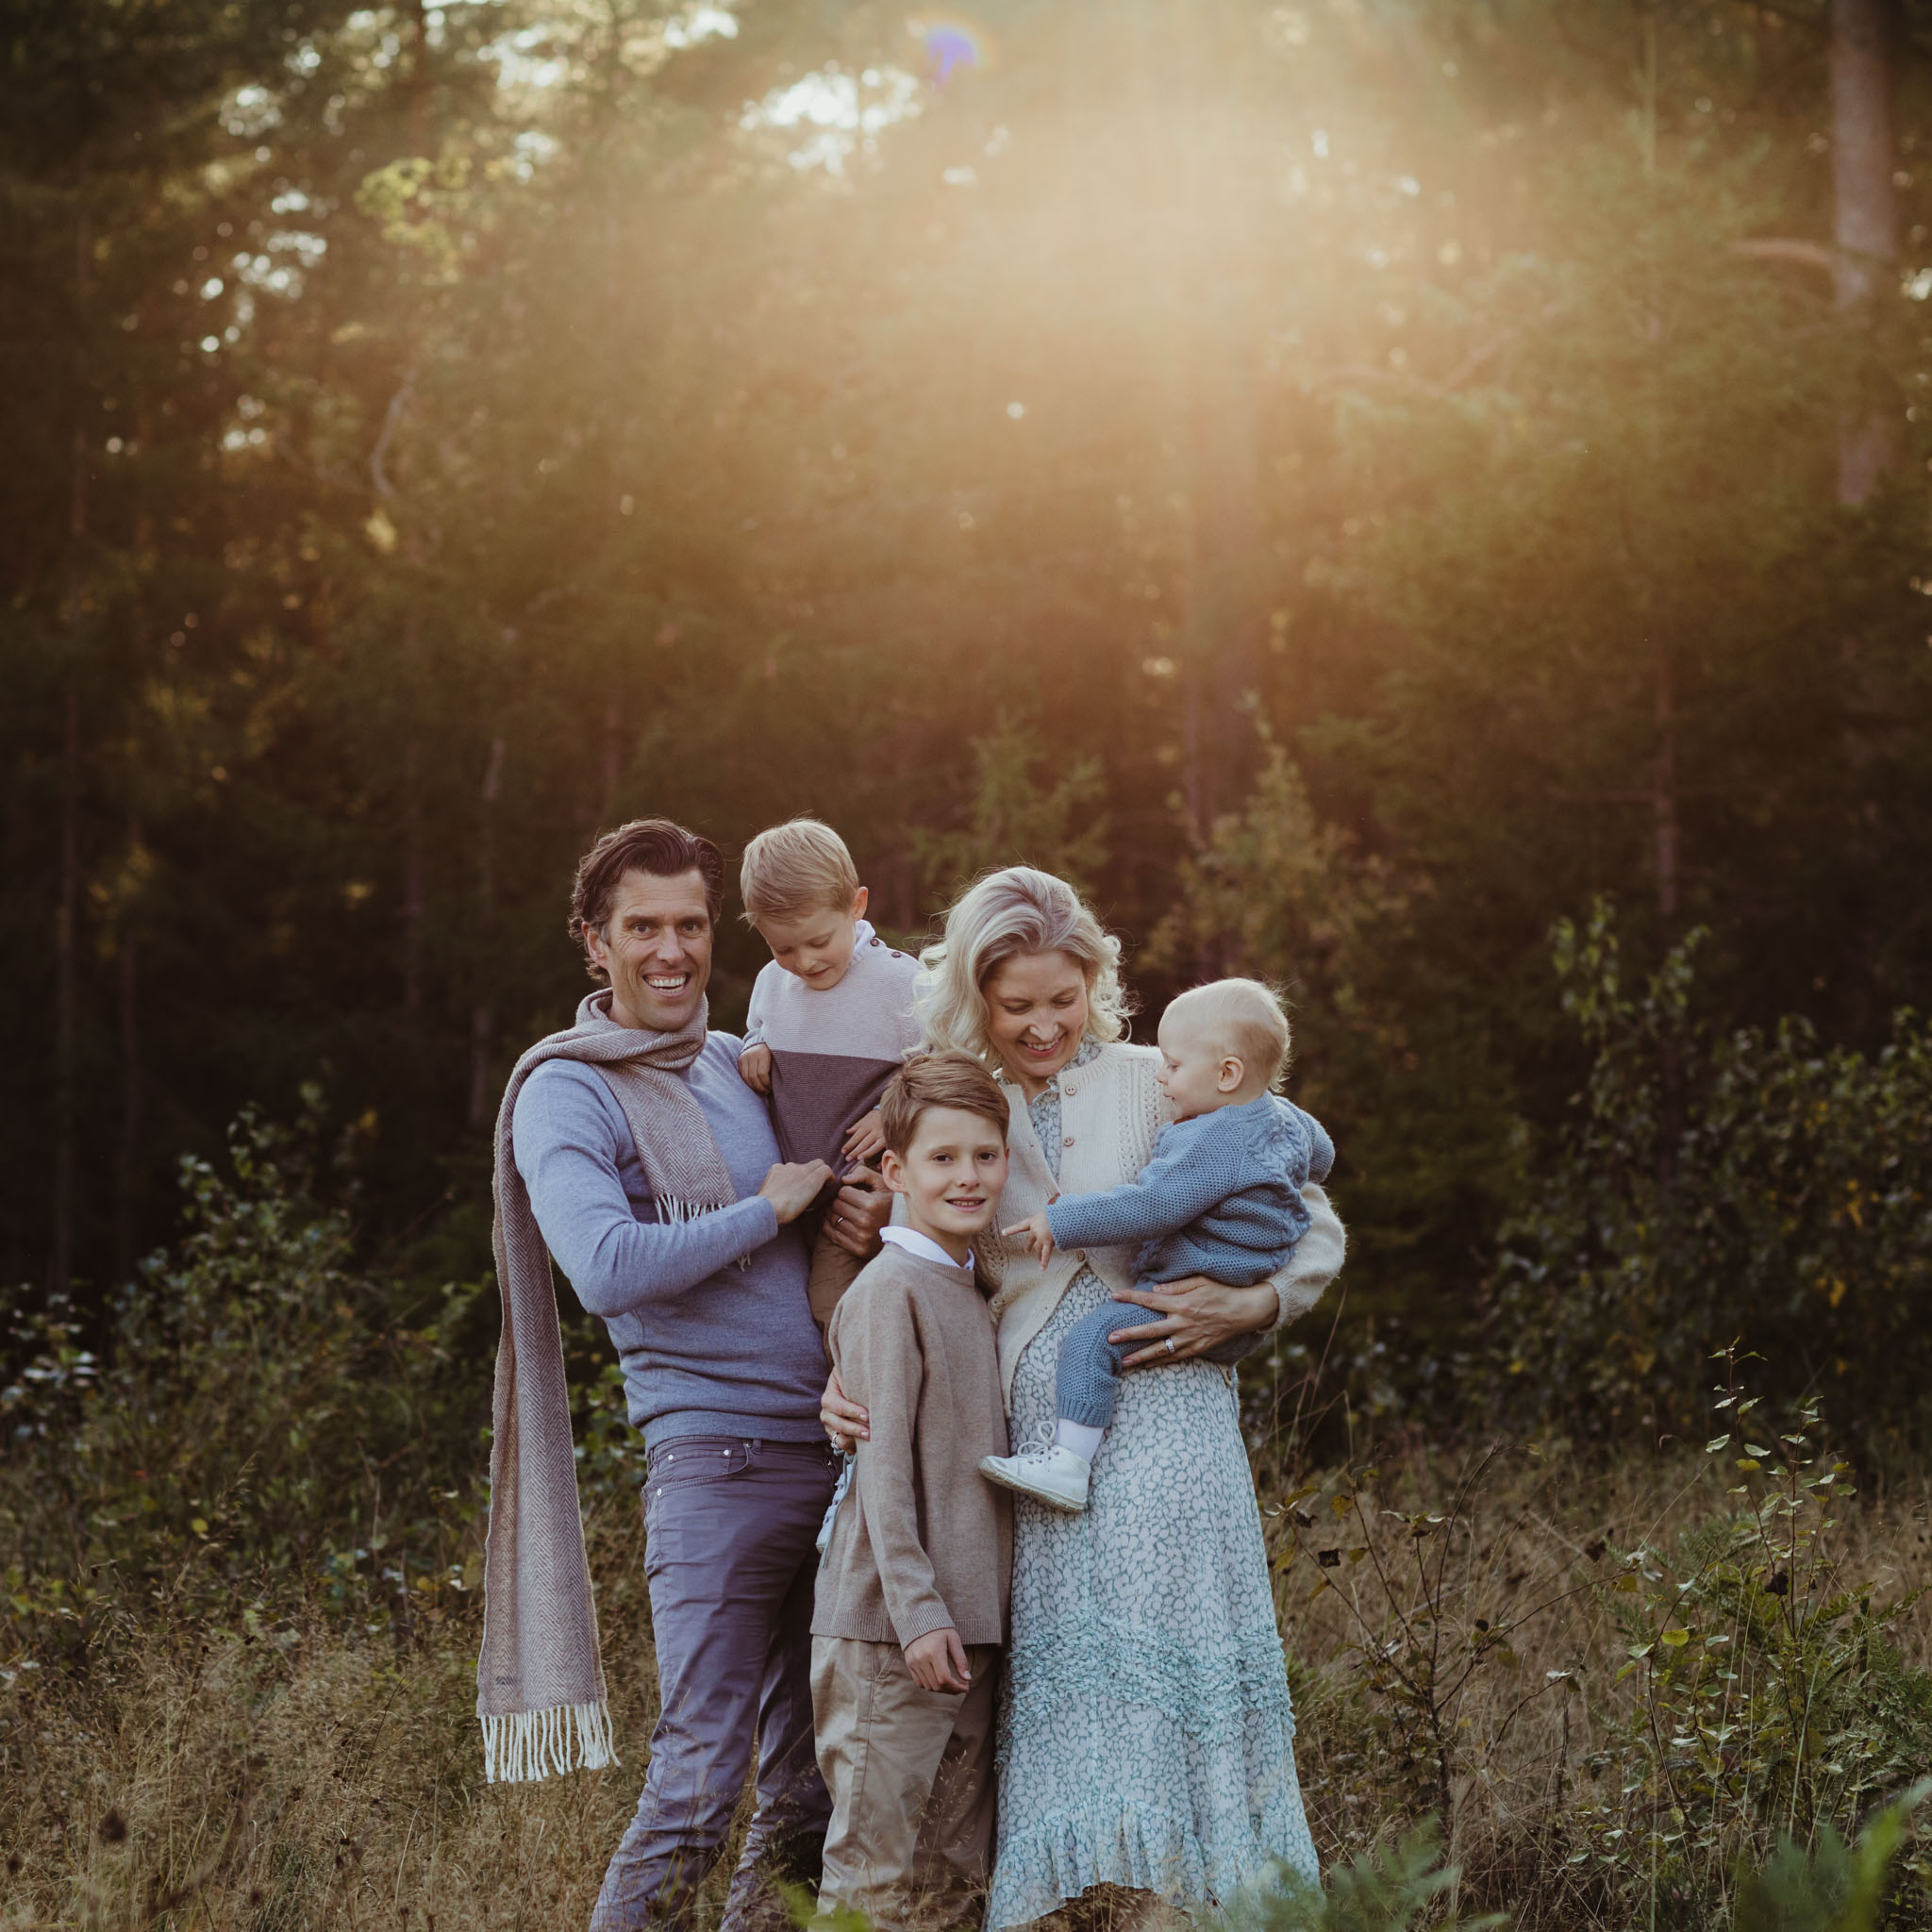 Familiefotografering - natur, lys, skog, familie - Fotograf Ida Hvattum